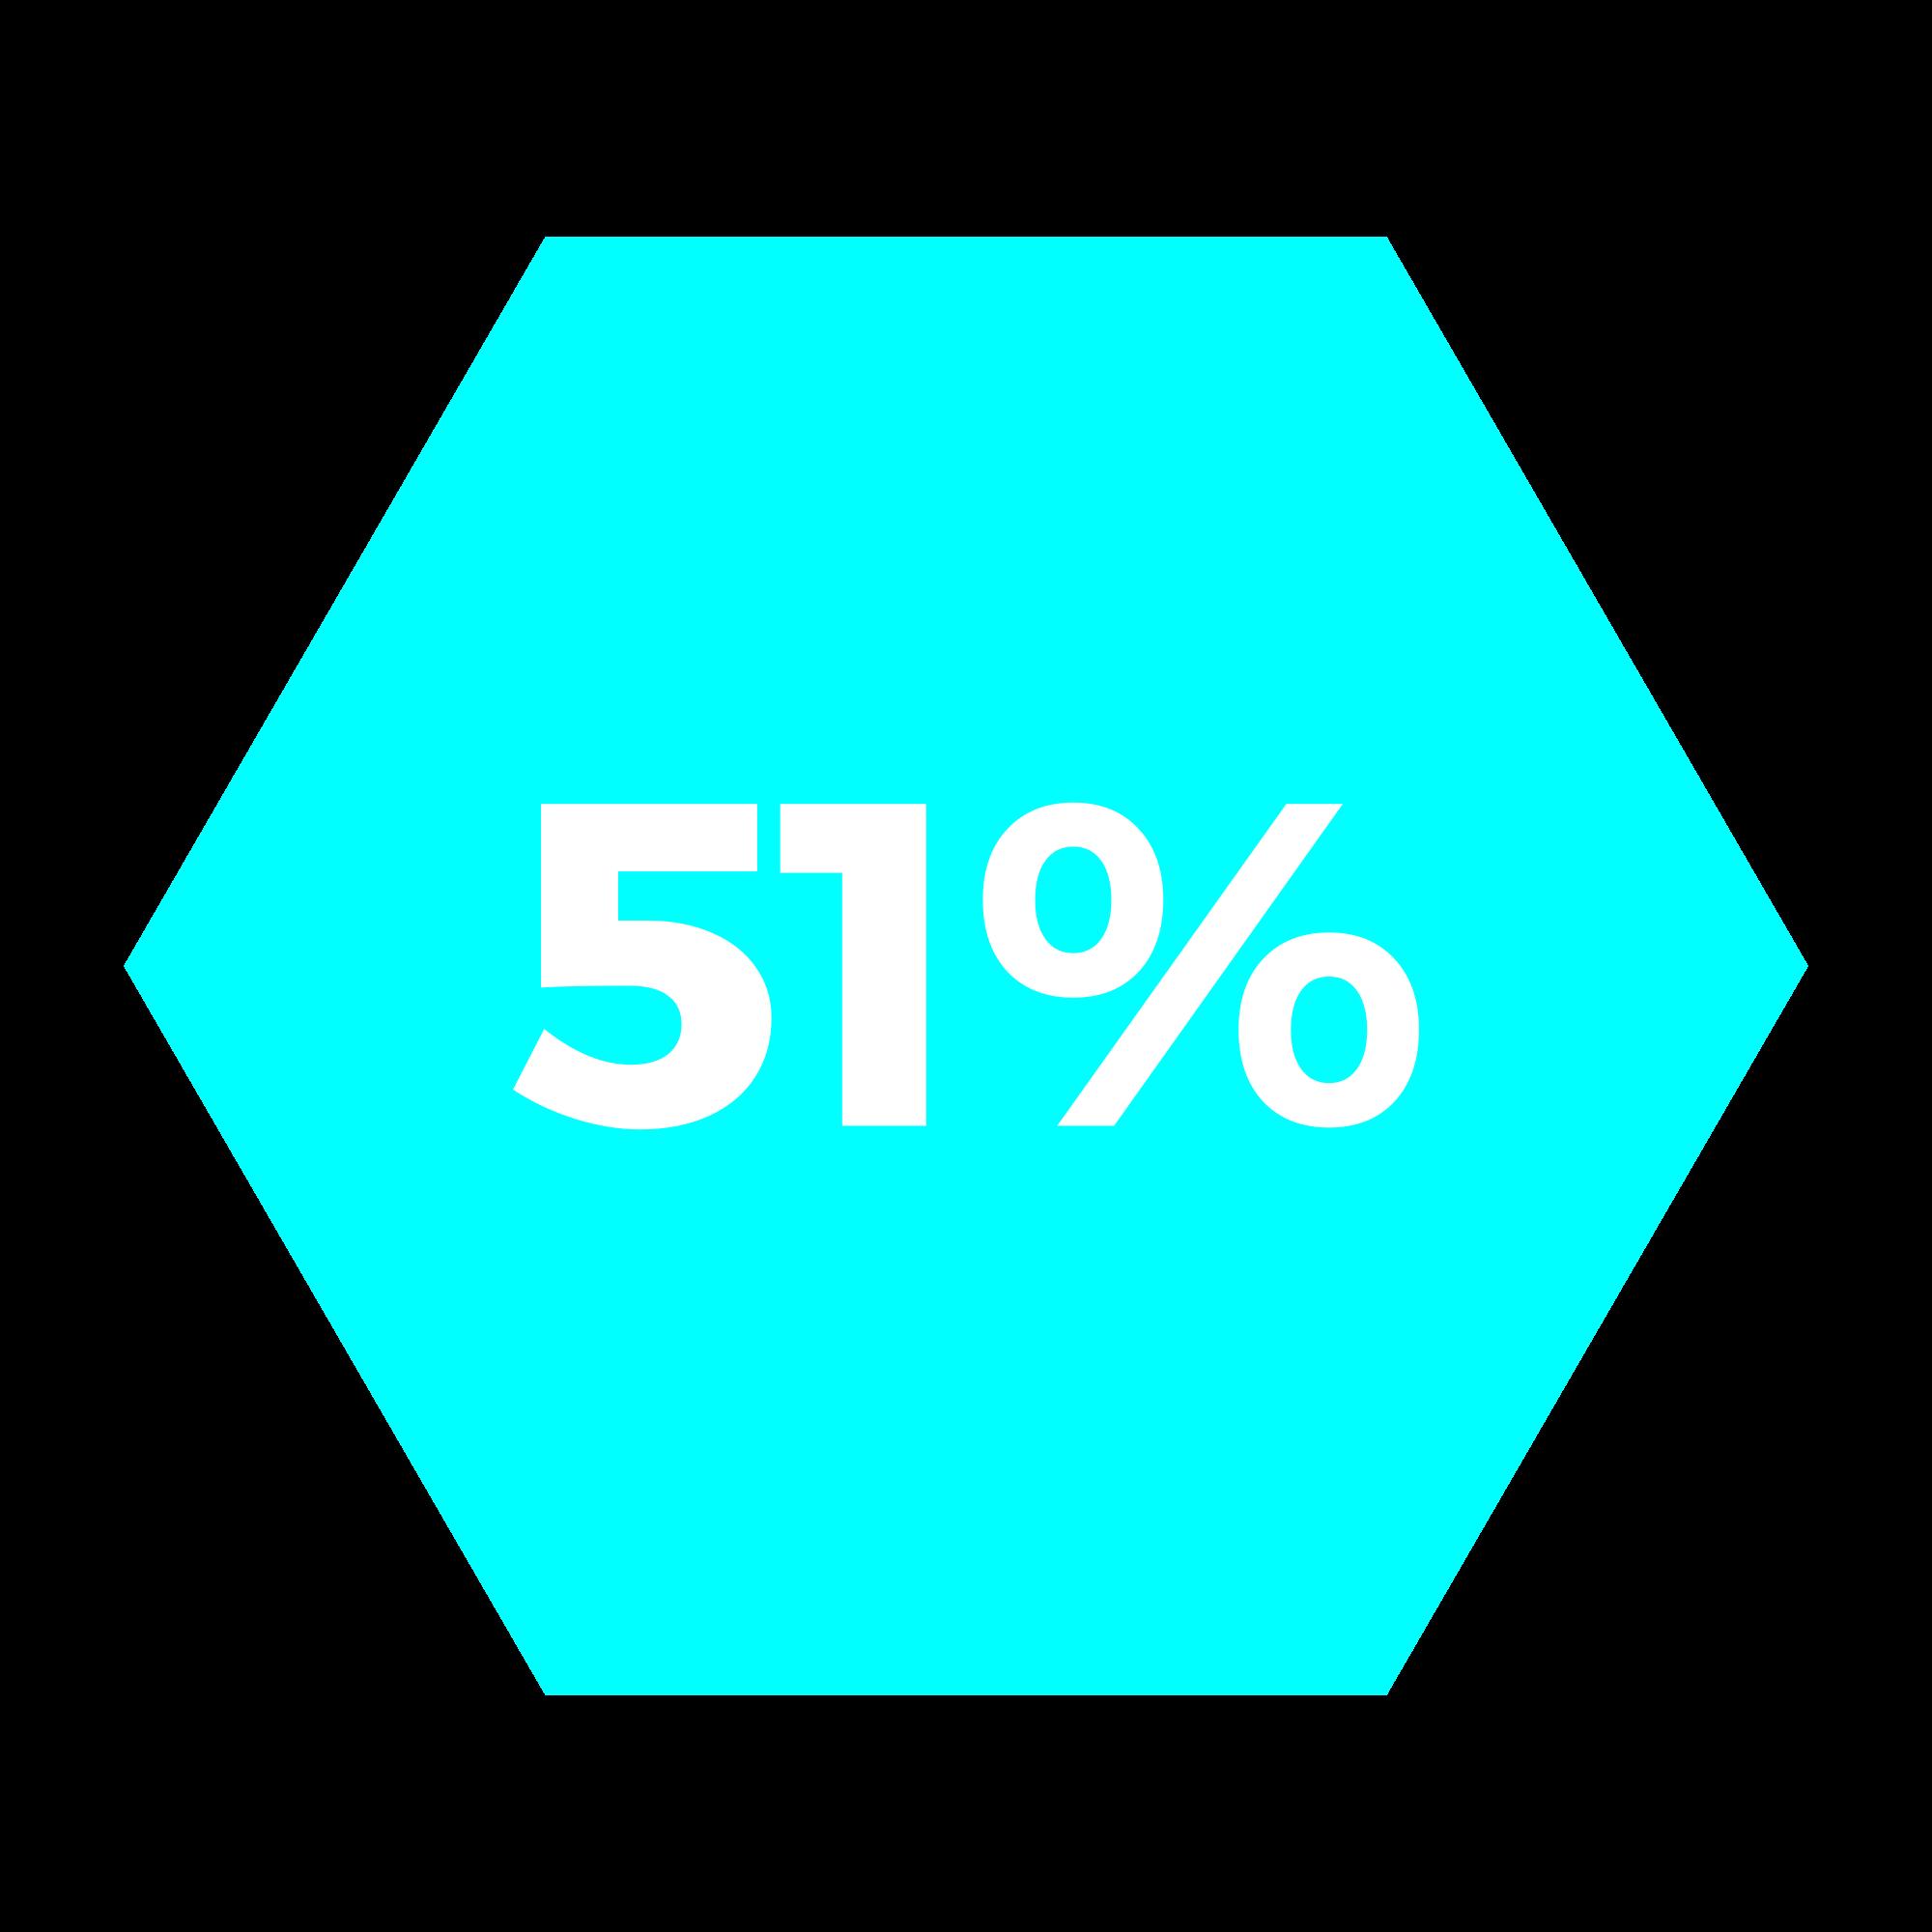 51% hexagono